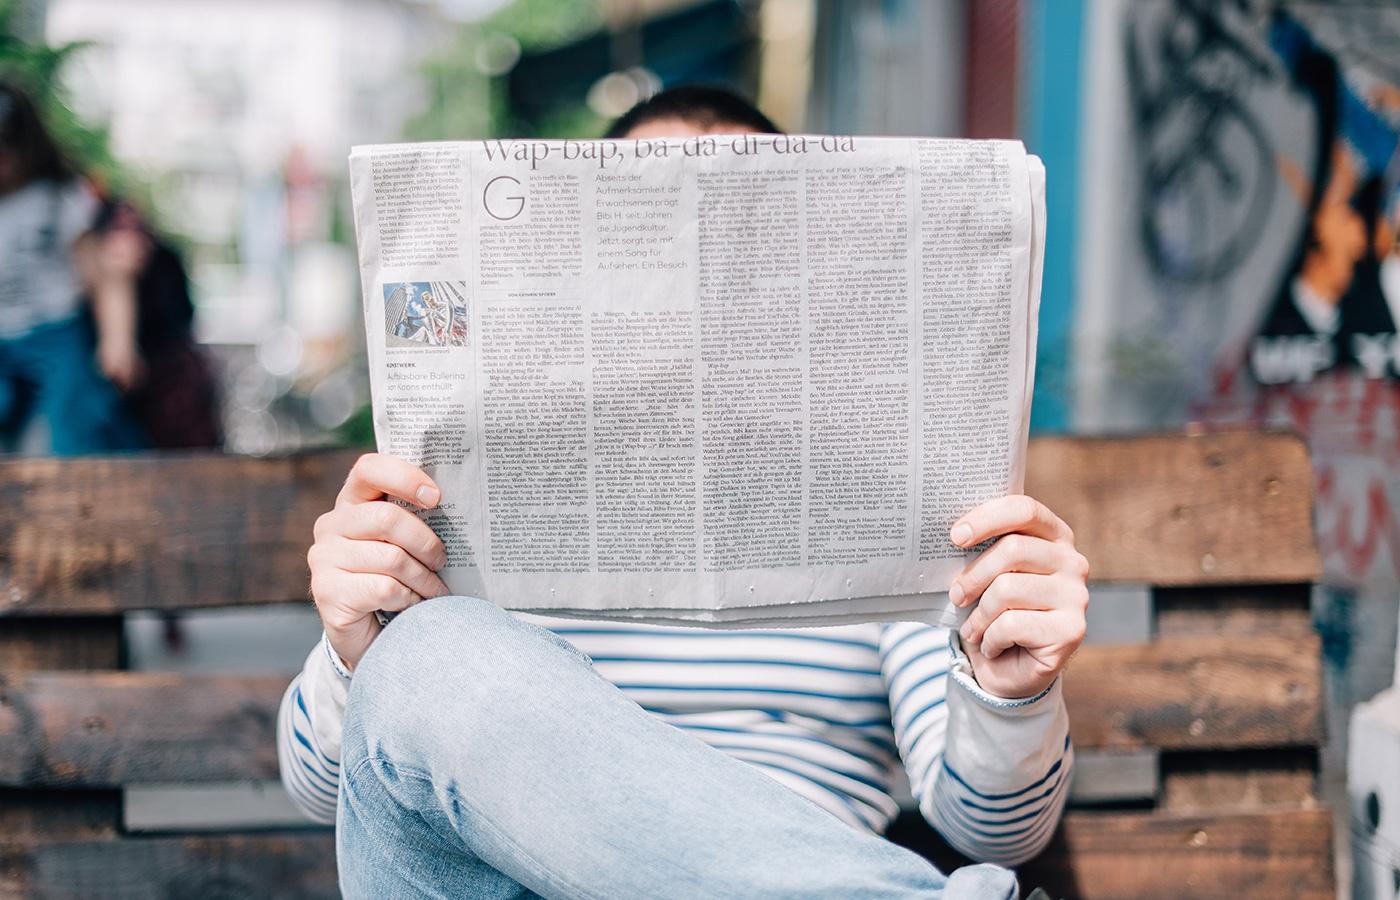 Pressearbeit und Öffentlichkeitsarbeit